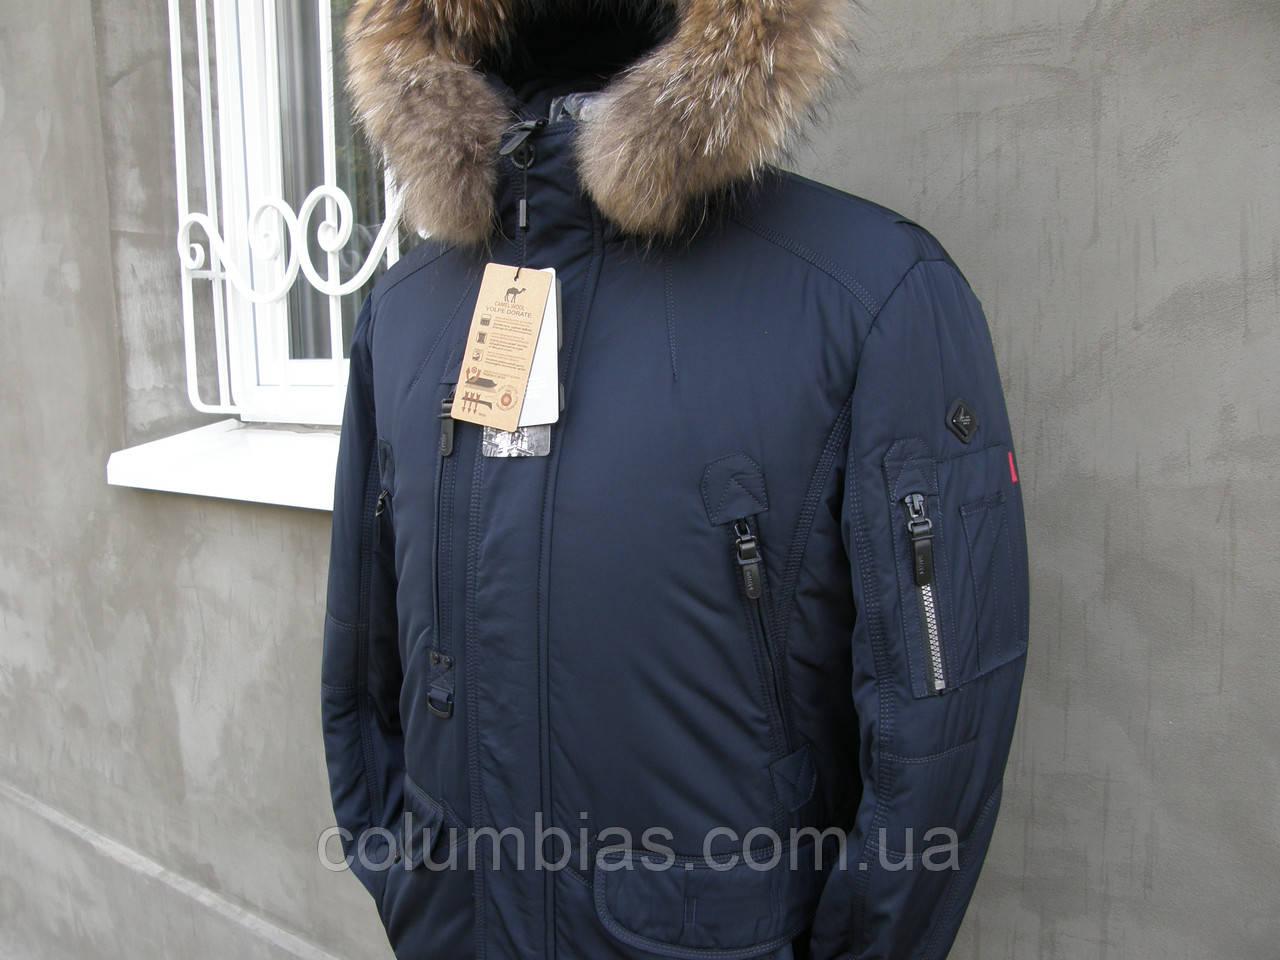 Тёплая зимняя мужская куртка аляска - ВЕСЬ ТОВАР В НАЛИЧИИ. ЗВОНИТЕ В ЛЮБОЕ  ВРЕМЯ ! 8e0f9e828d9